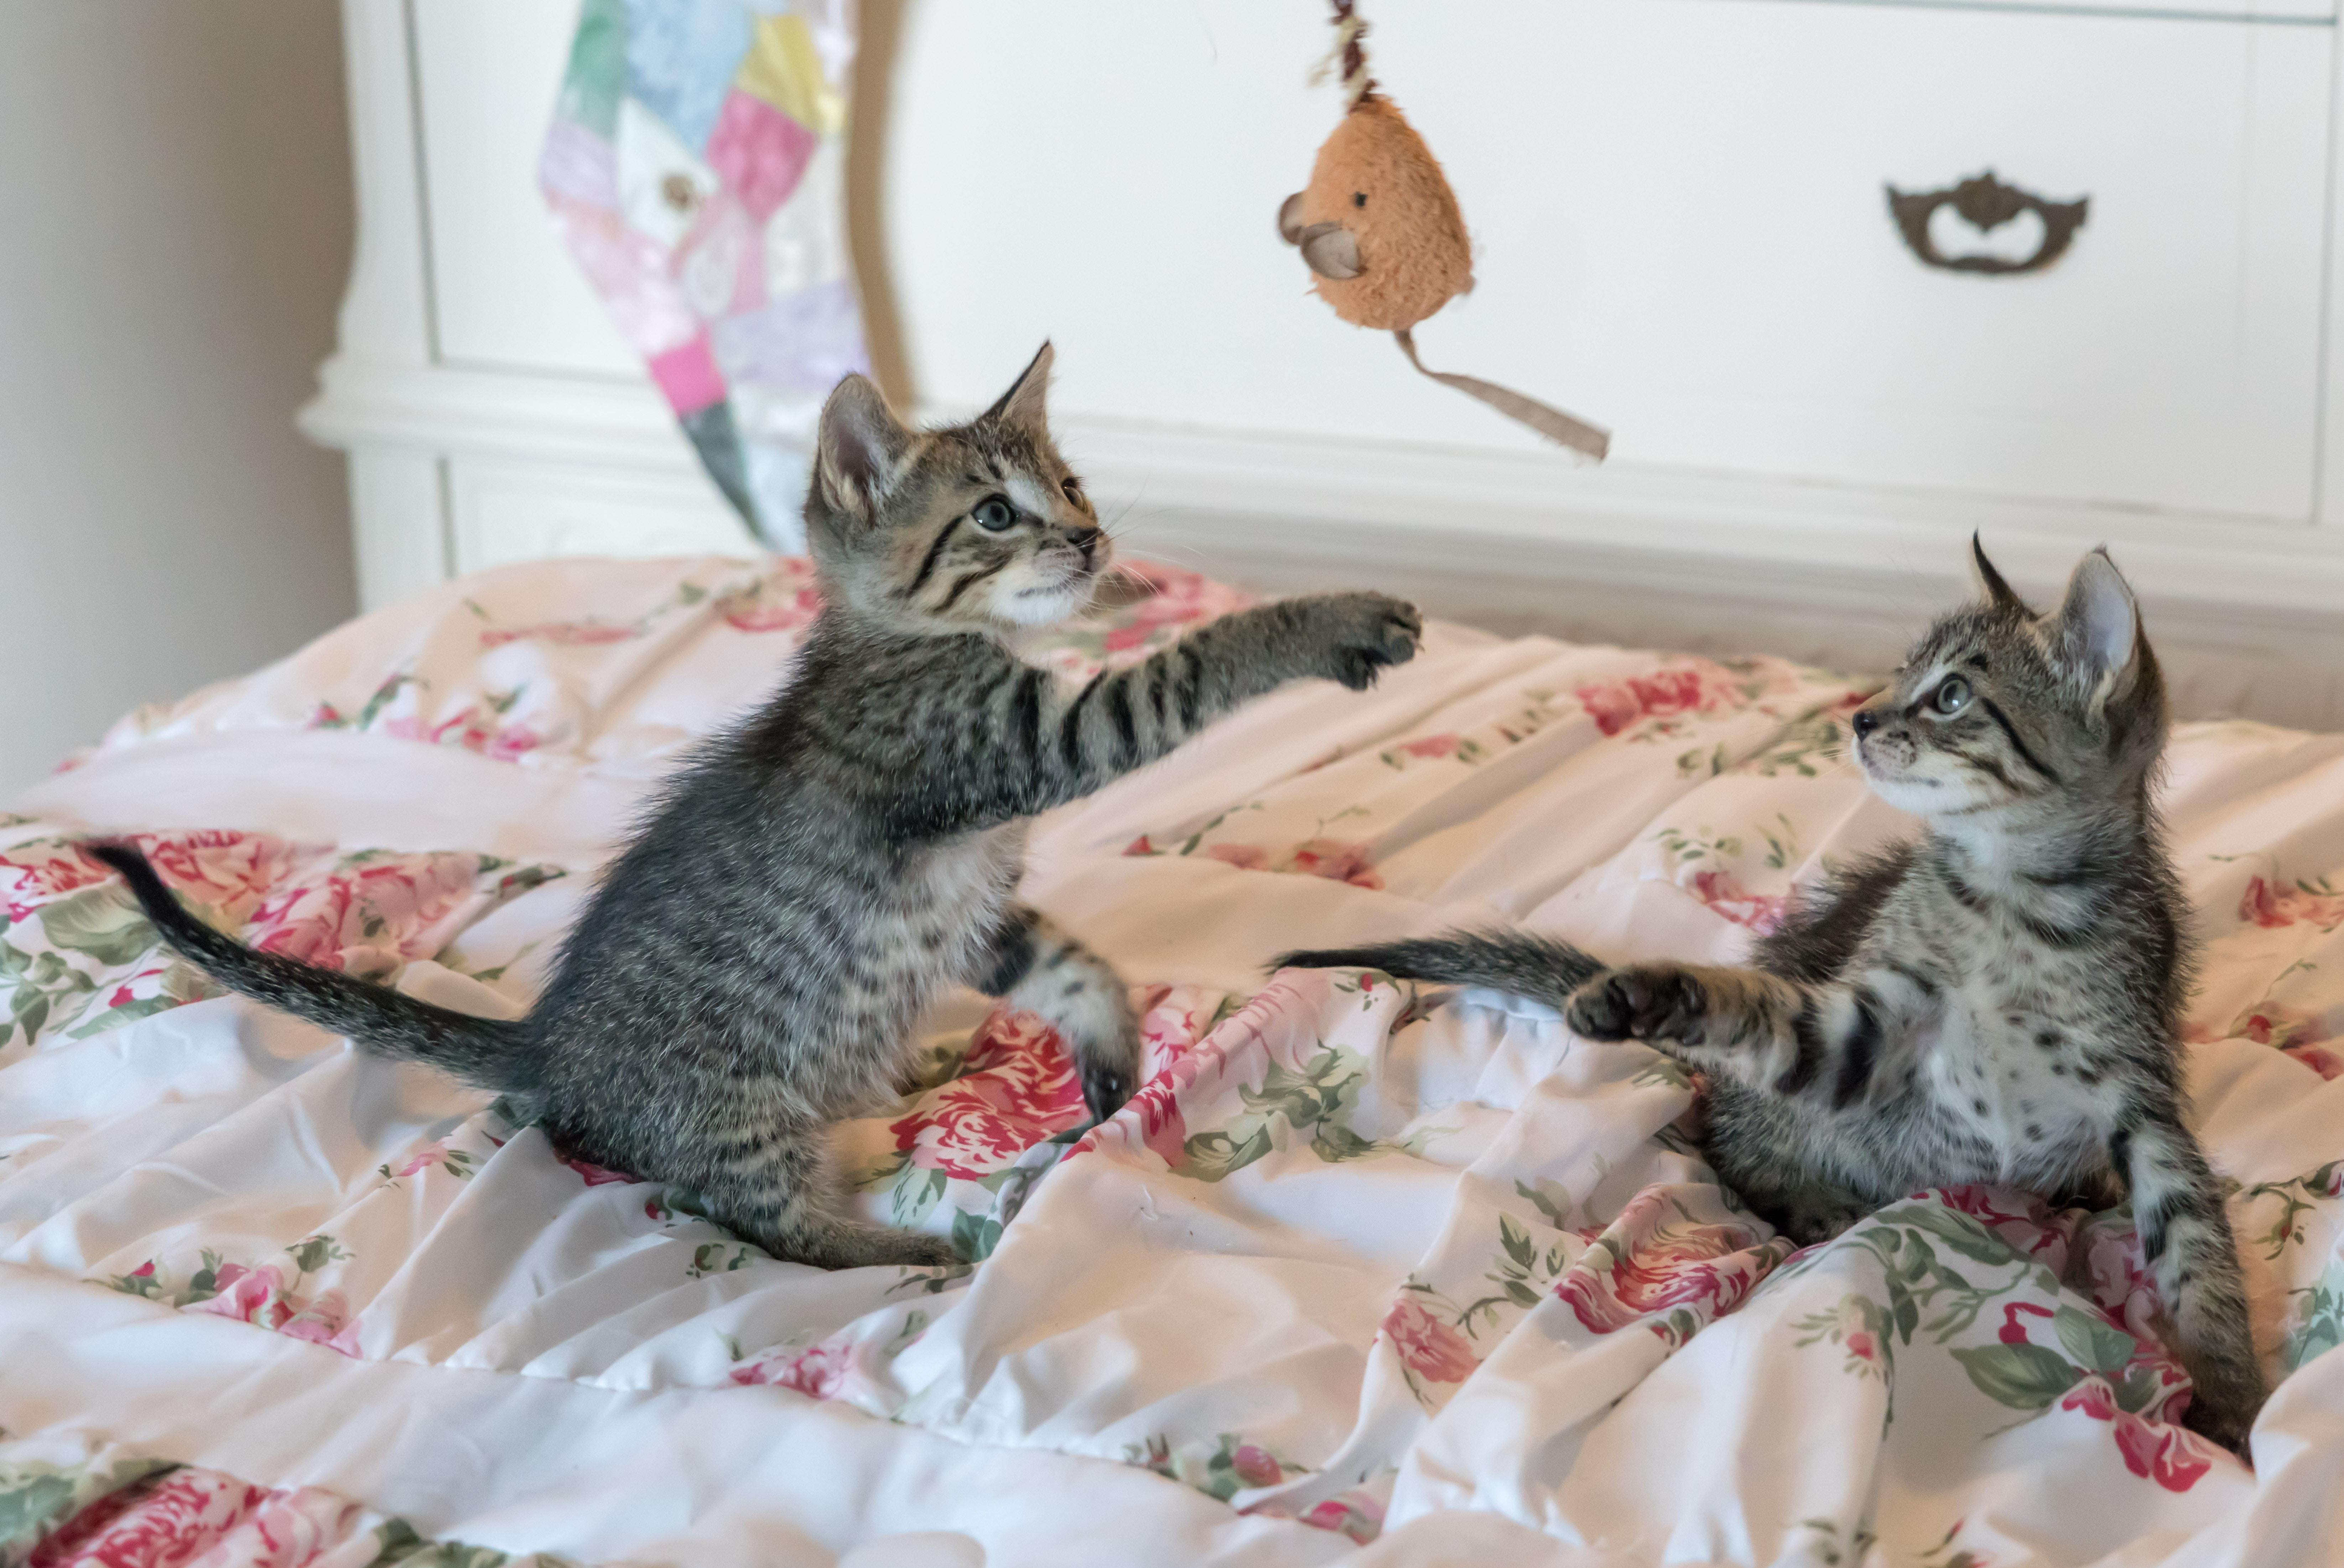 adorable-animals-bed-160755 pexels.com